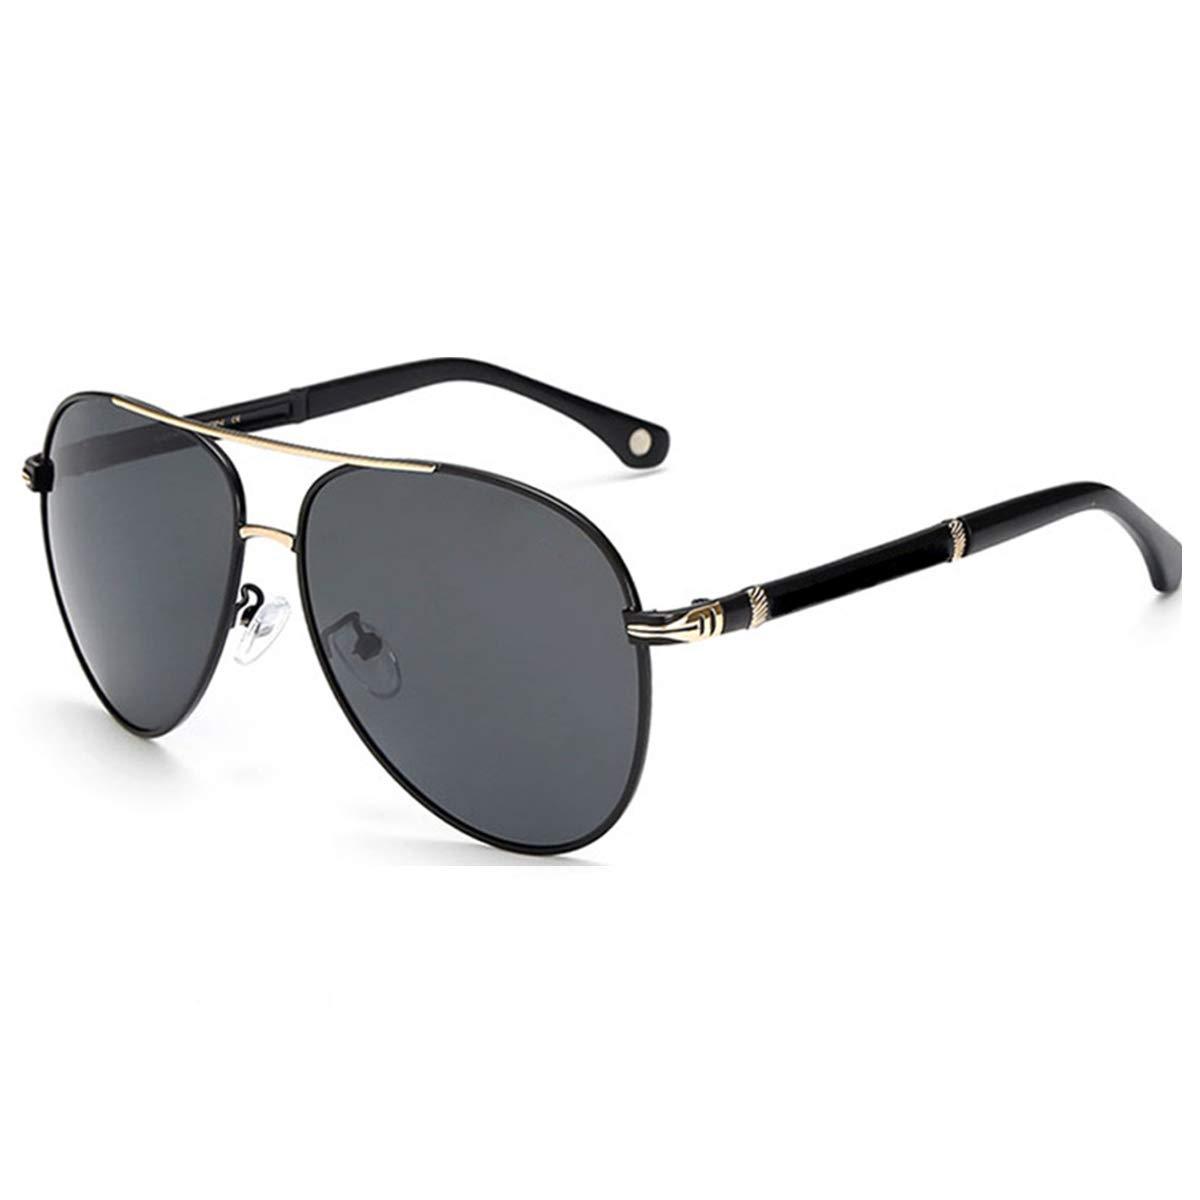 QJKJ Gafas de sol gafas de sol protecci/ón UV marco de aleaci/ón gafas de sol para hombre conducci/ón retro pesca viaje al aire libre